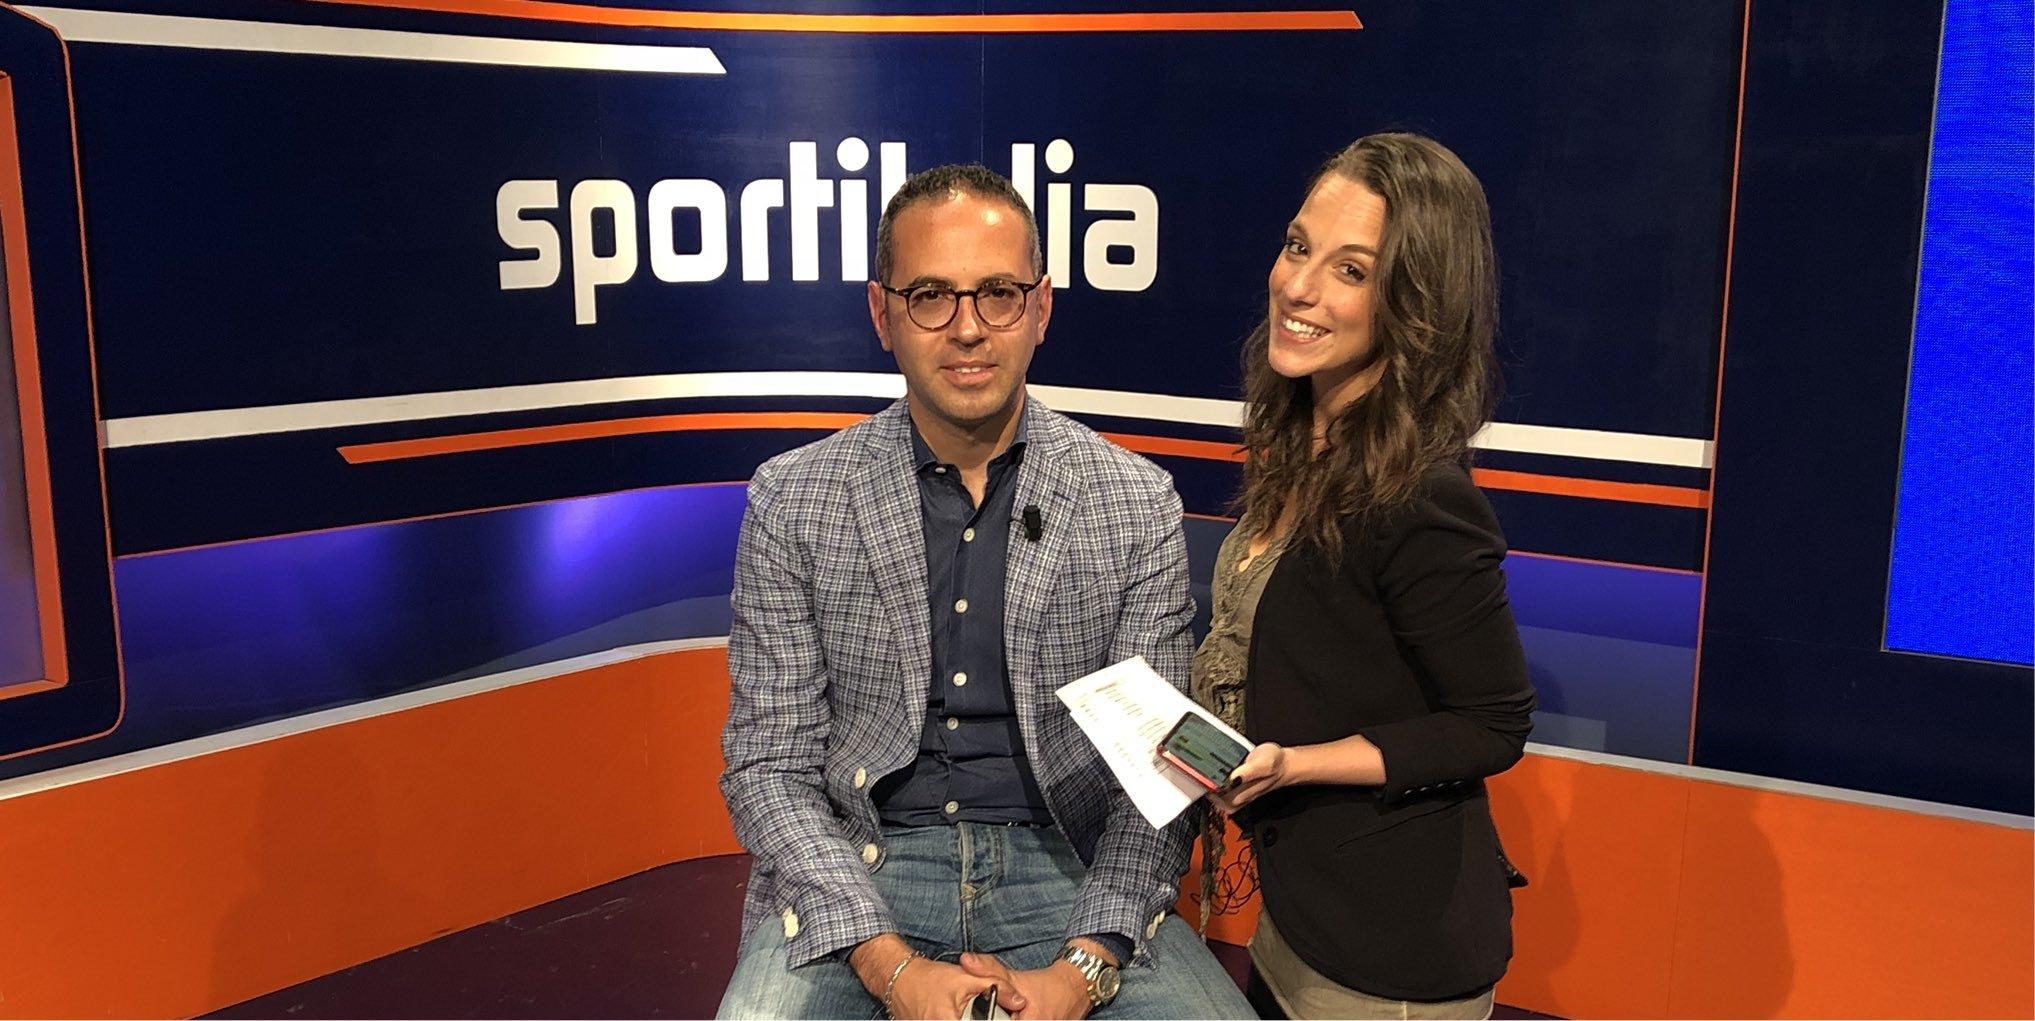 Sportitalia, Palinsesto Calcio dal 17 al 20 Maggio (Campionato Primavera, Serie C)